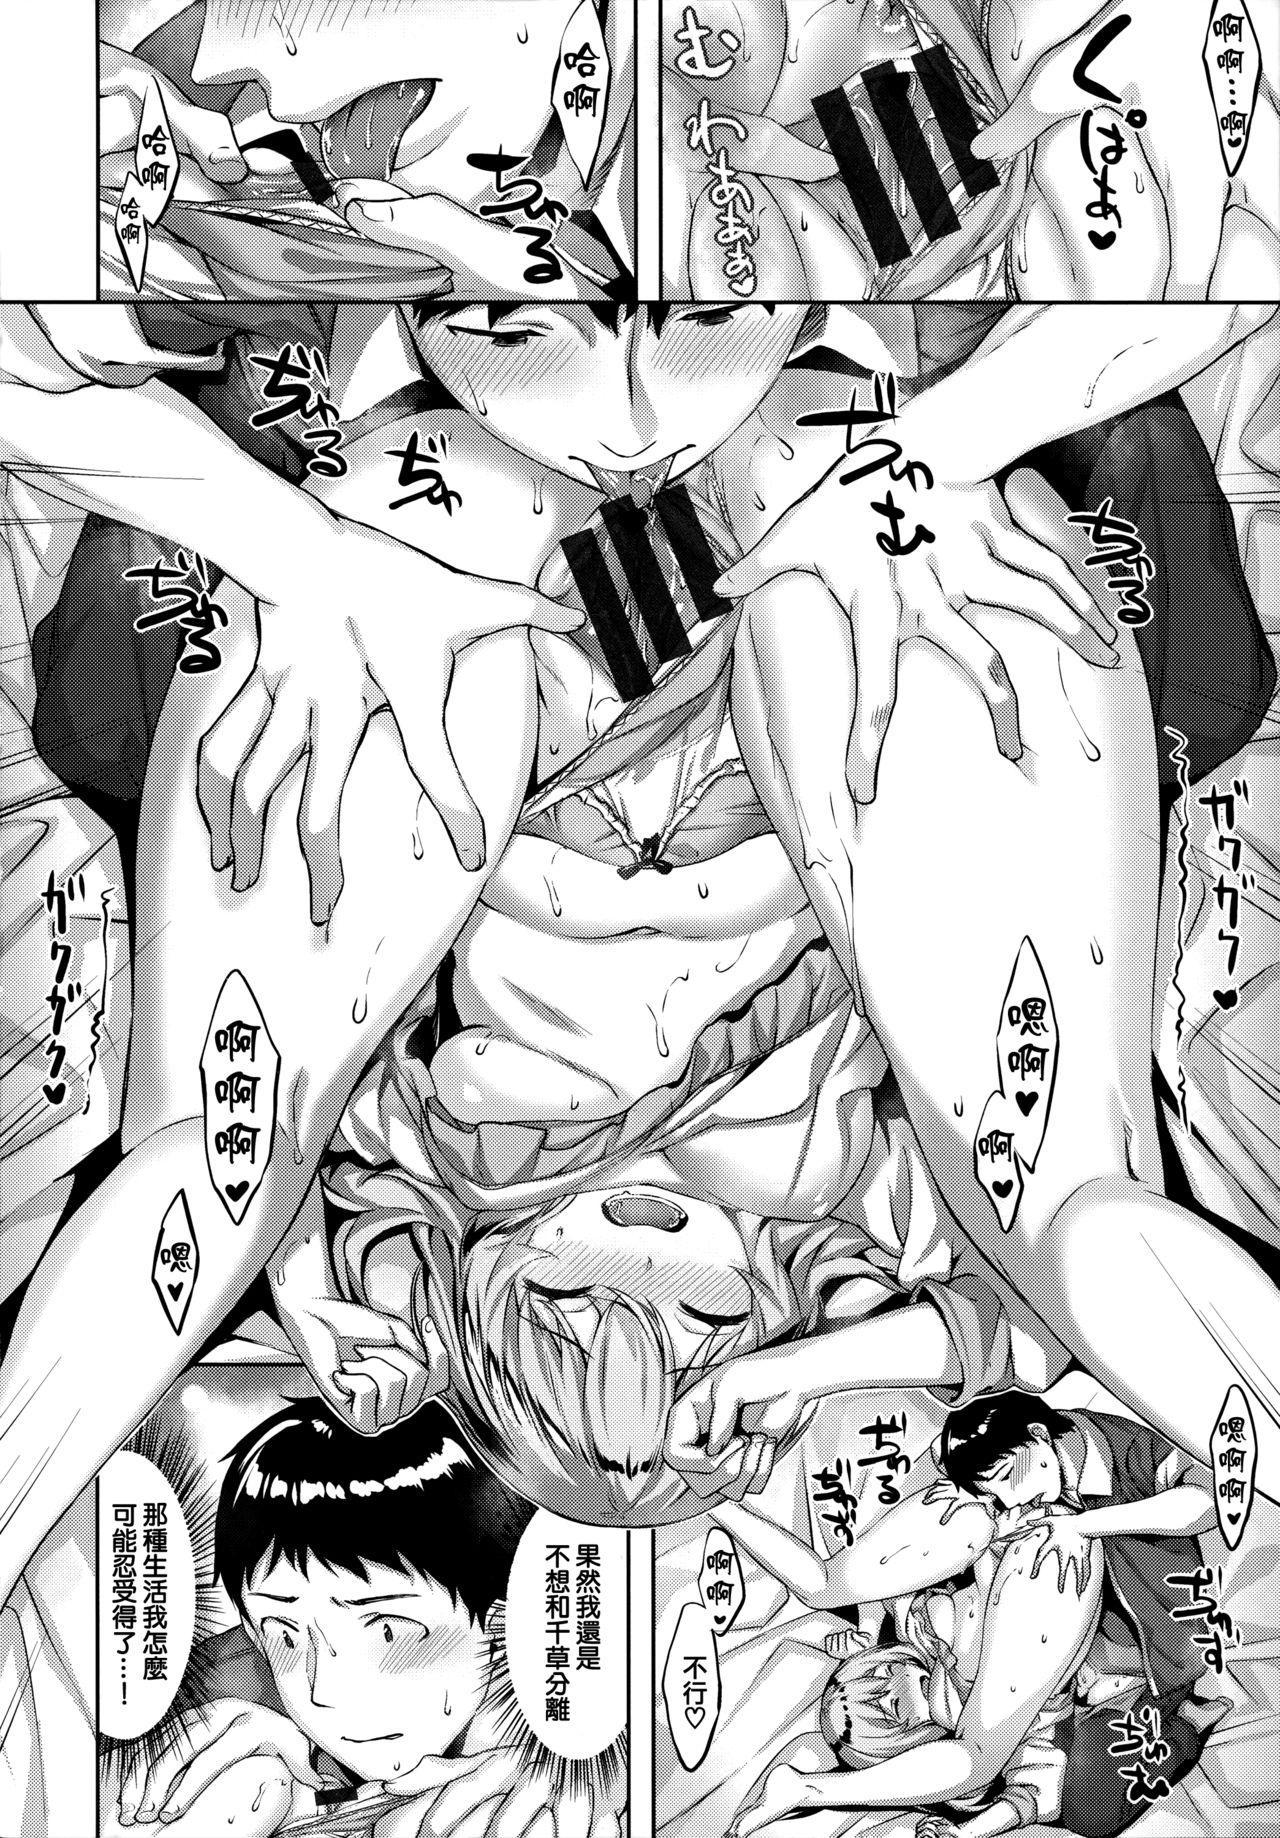 Zutto Daisuki 56